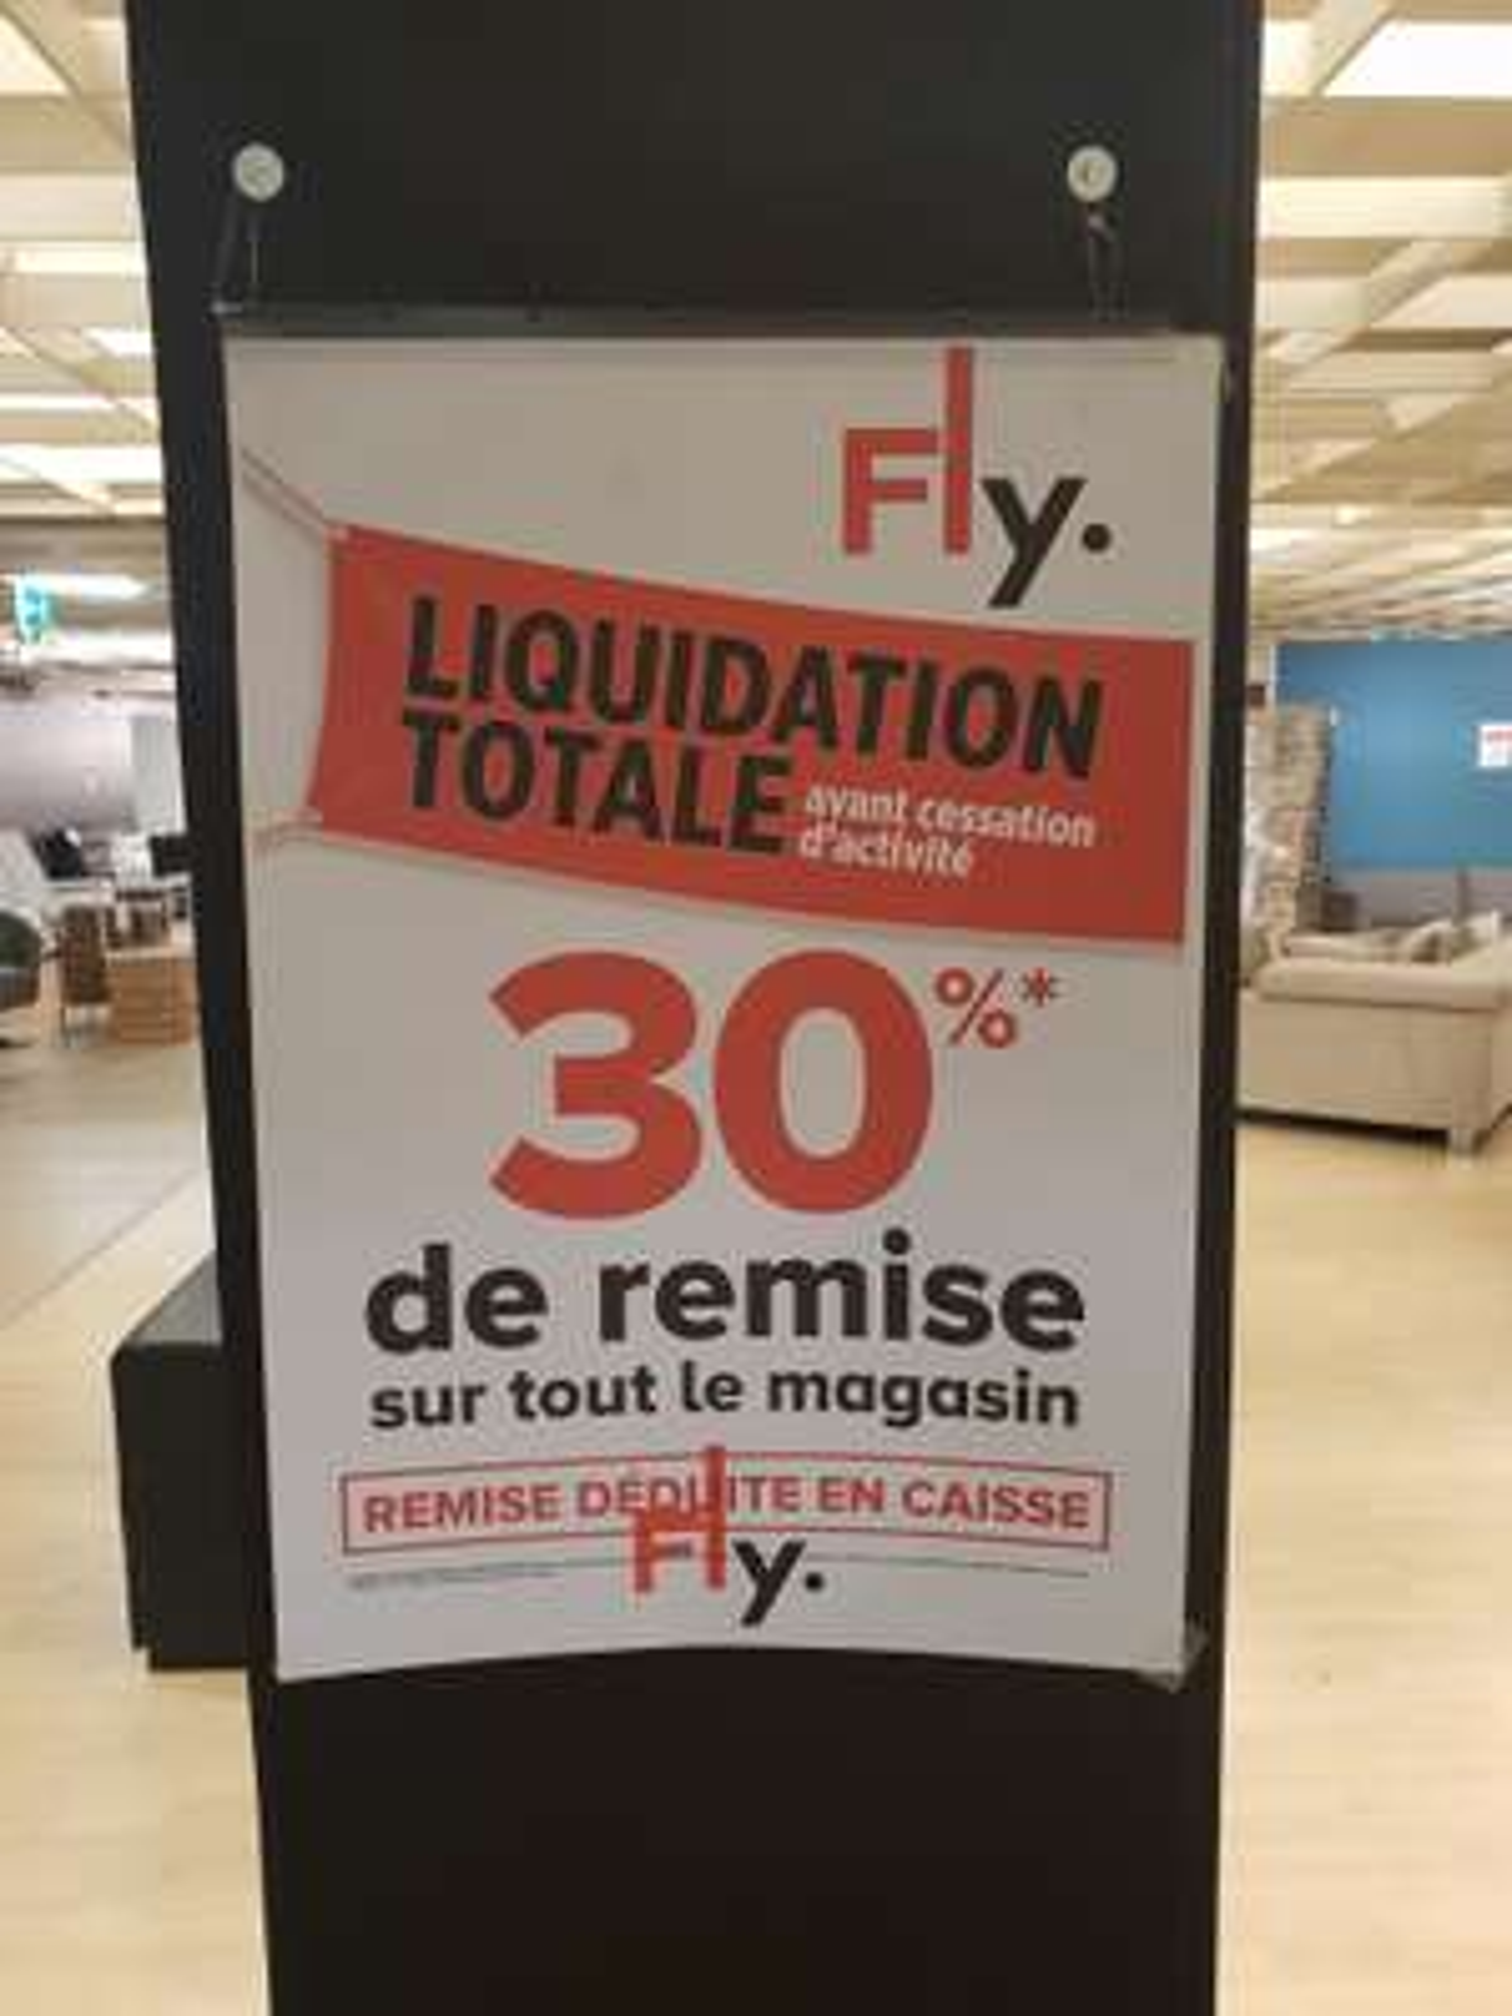 70 De Reduction Sur Tout Le Magasin Liquidation Totale